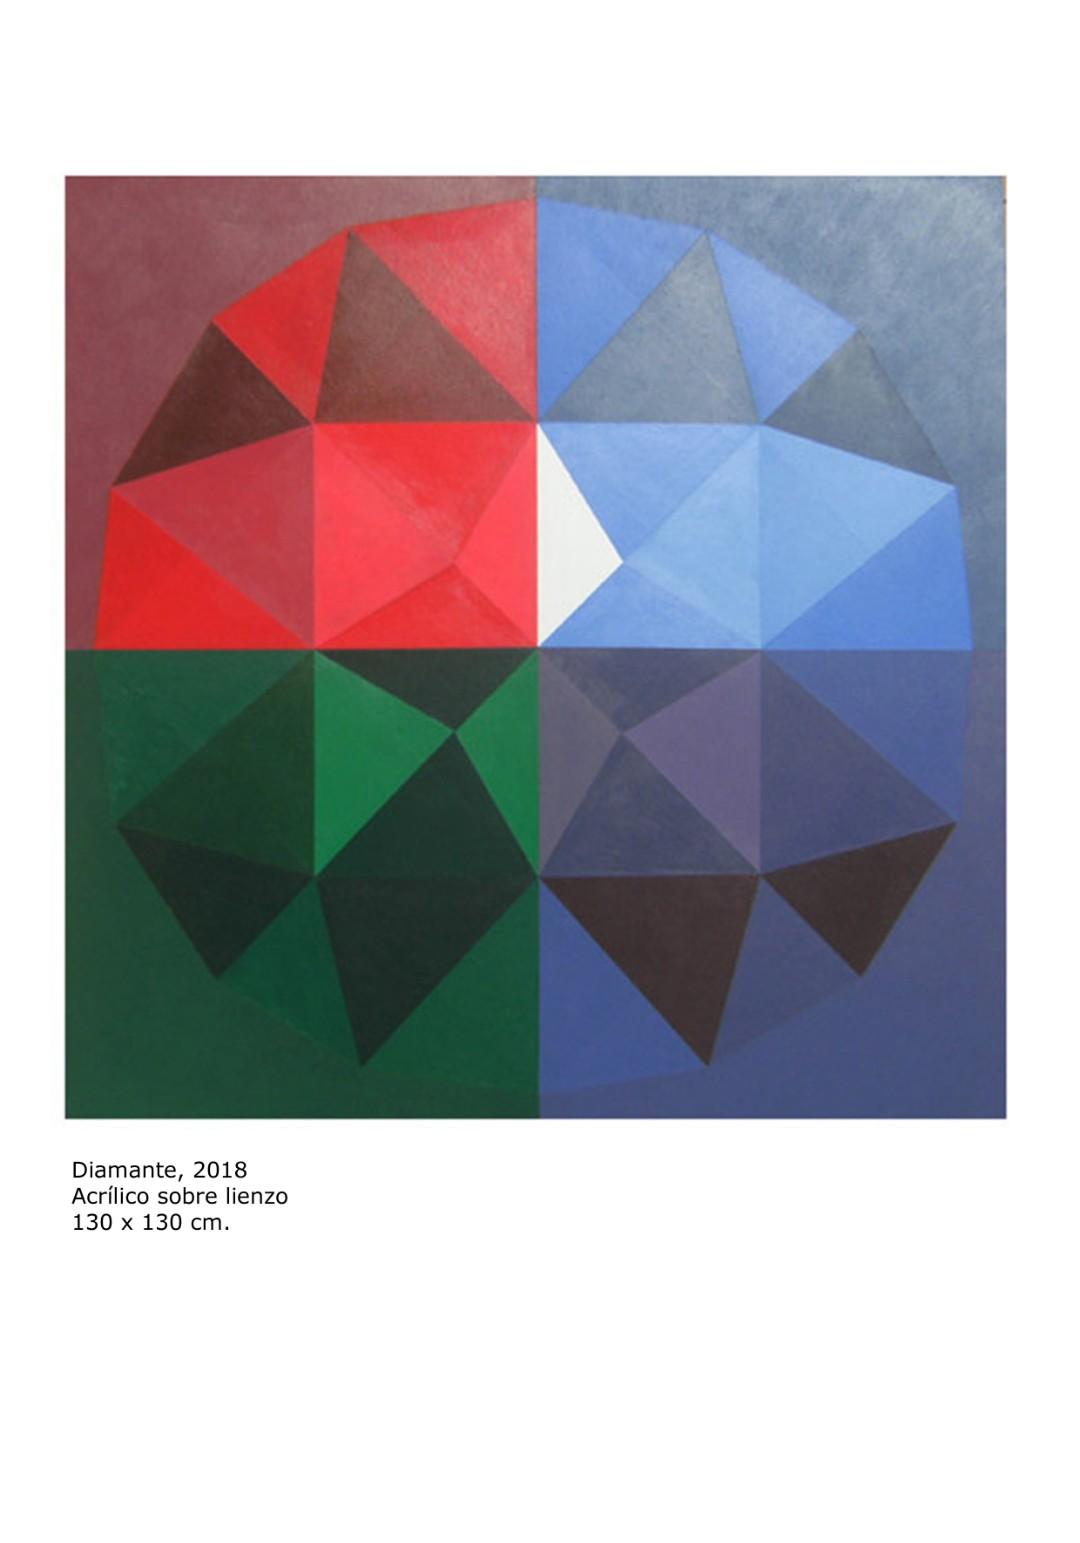 Diamante (2018) - Juan Carlos Beneyto Pérez